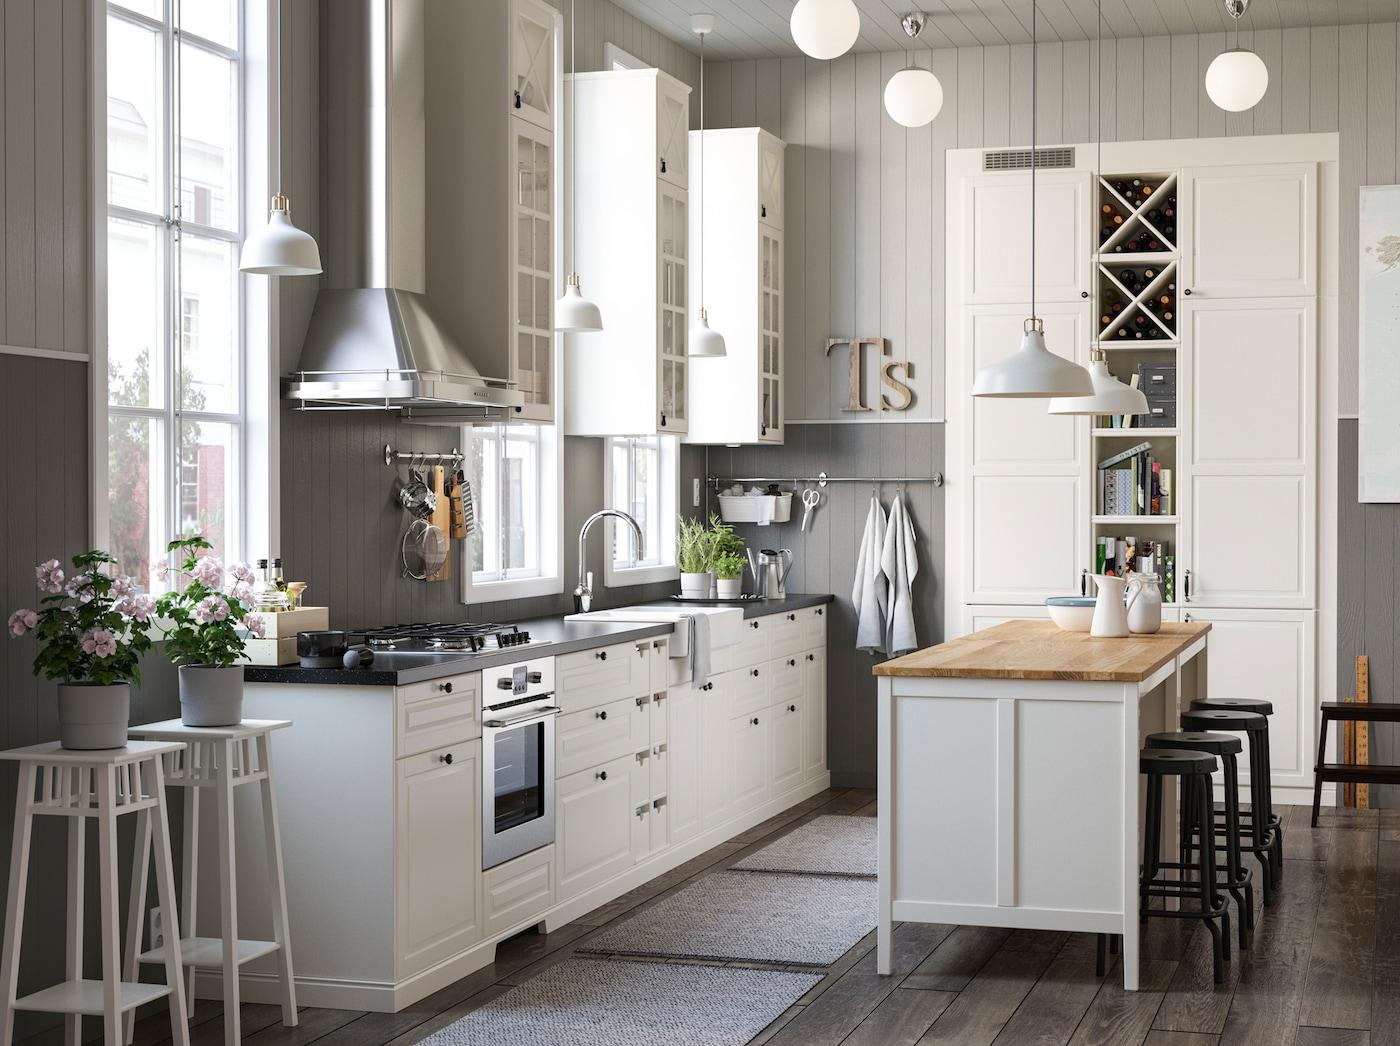 Outdoor Küche Ikea Forum : Küche inspirationen für dein zuhause ikea